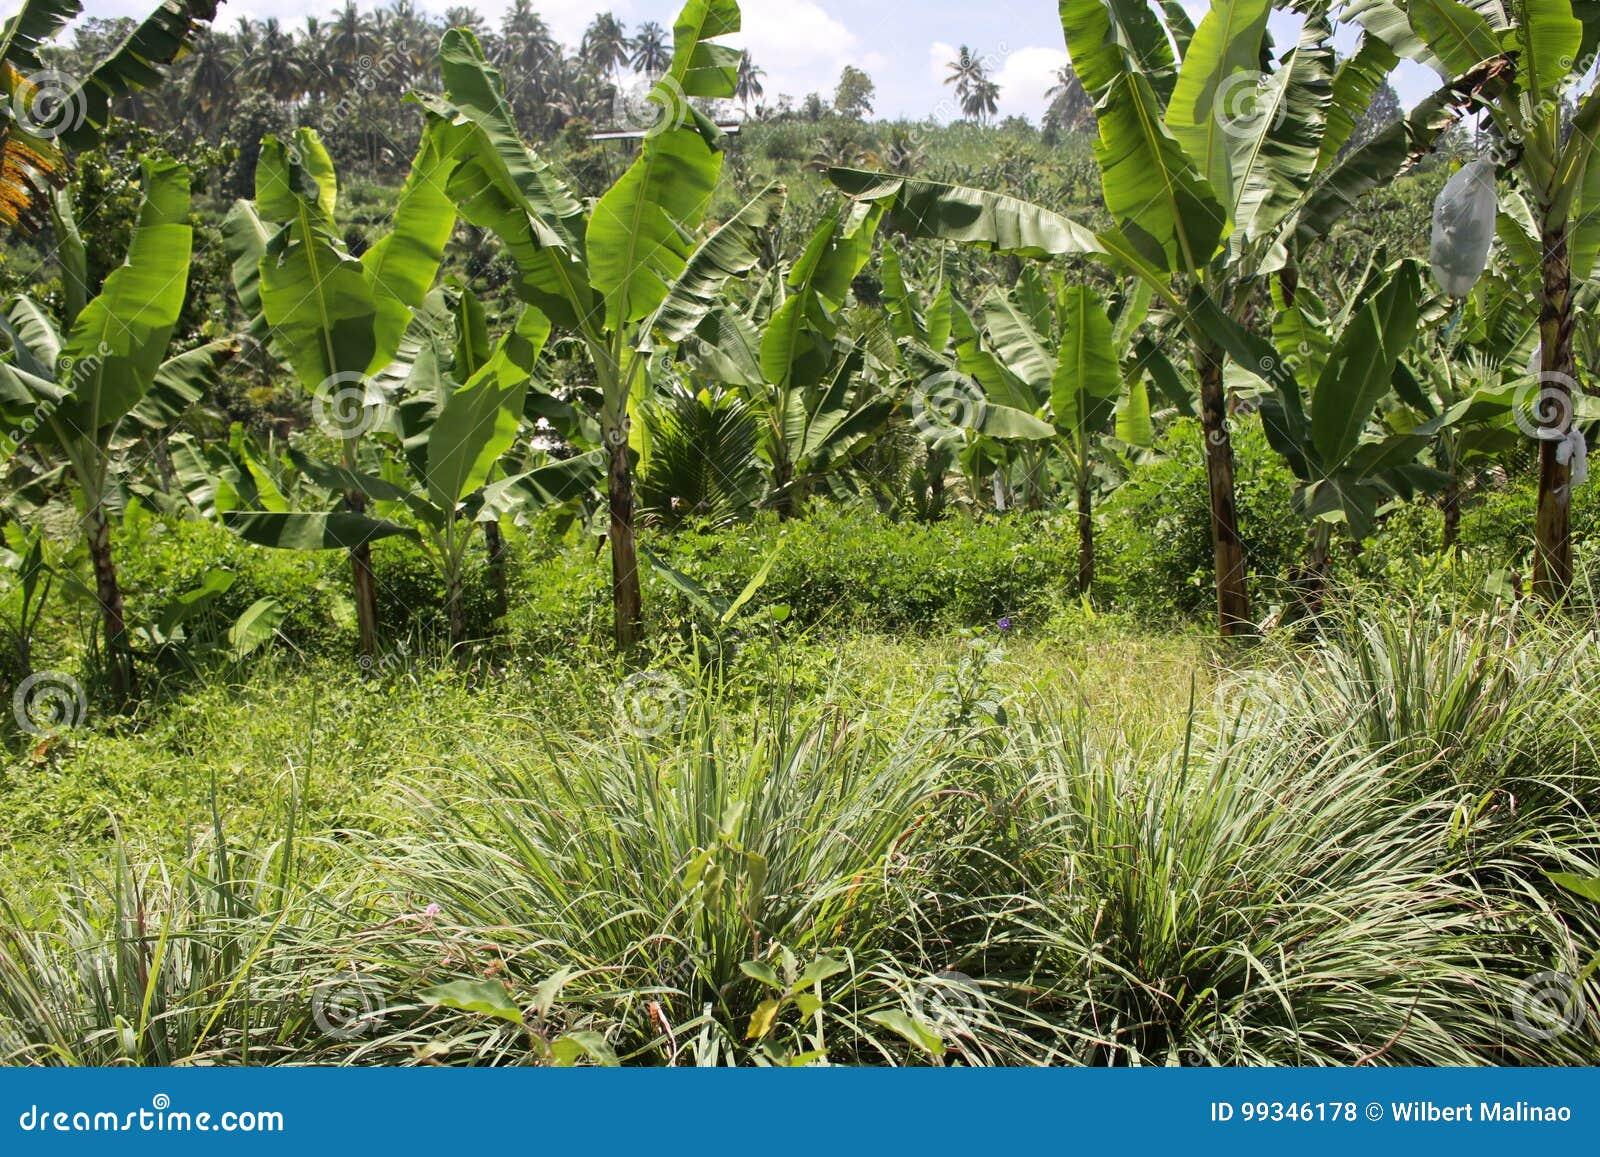 Bananen in den Hochländern undercropped durch Zitronengräser